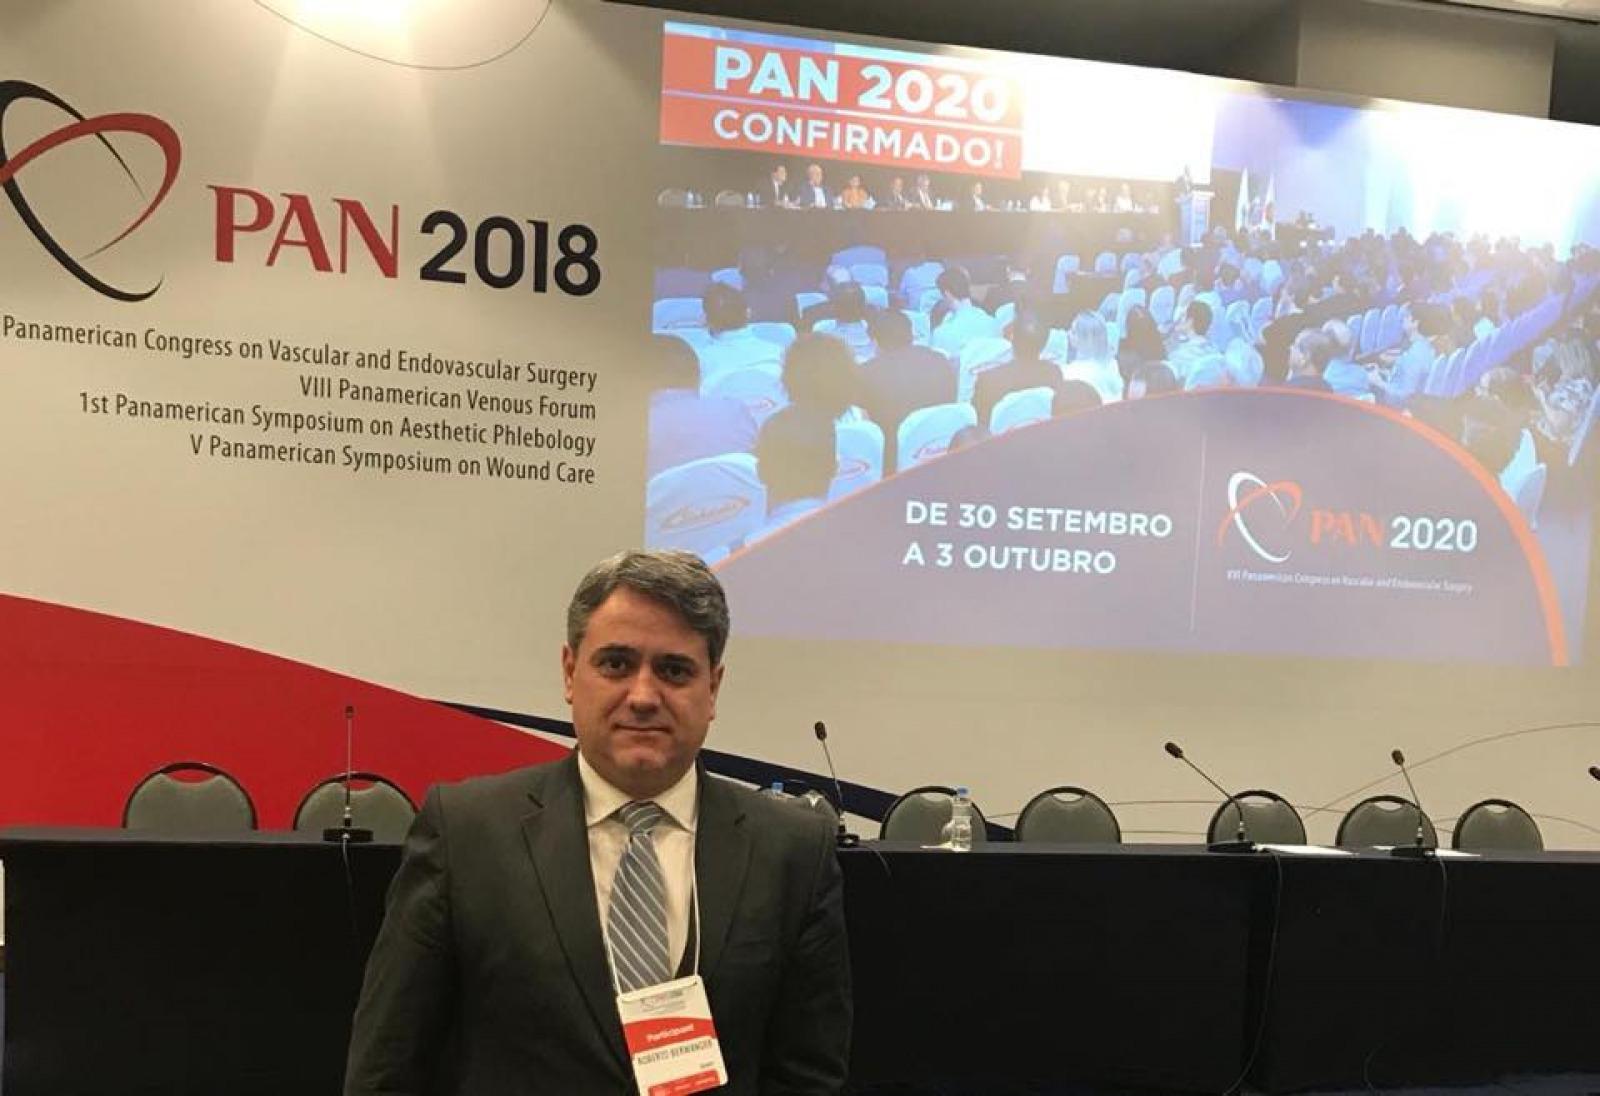 XV congresso Panamericano de Cirurgia Vascular e V Congresso Panamericano de Feridas Crônicas